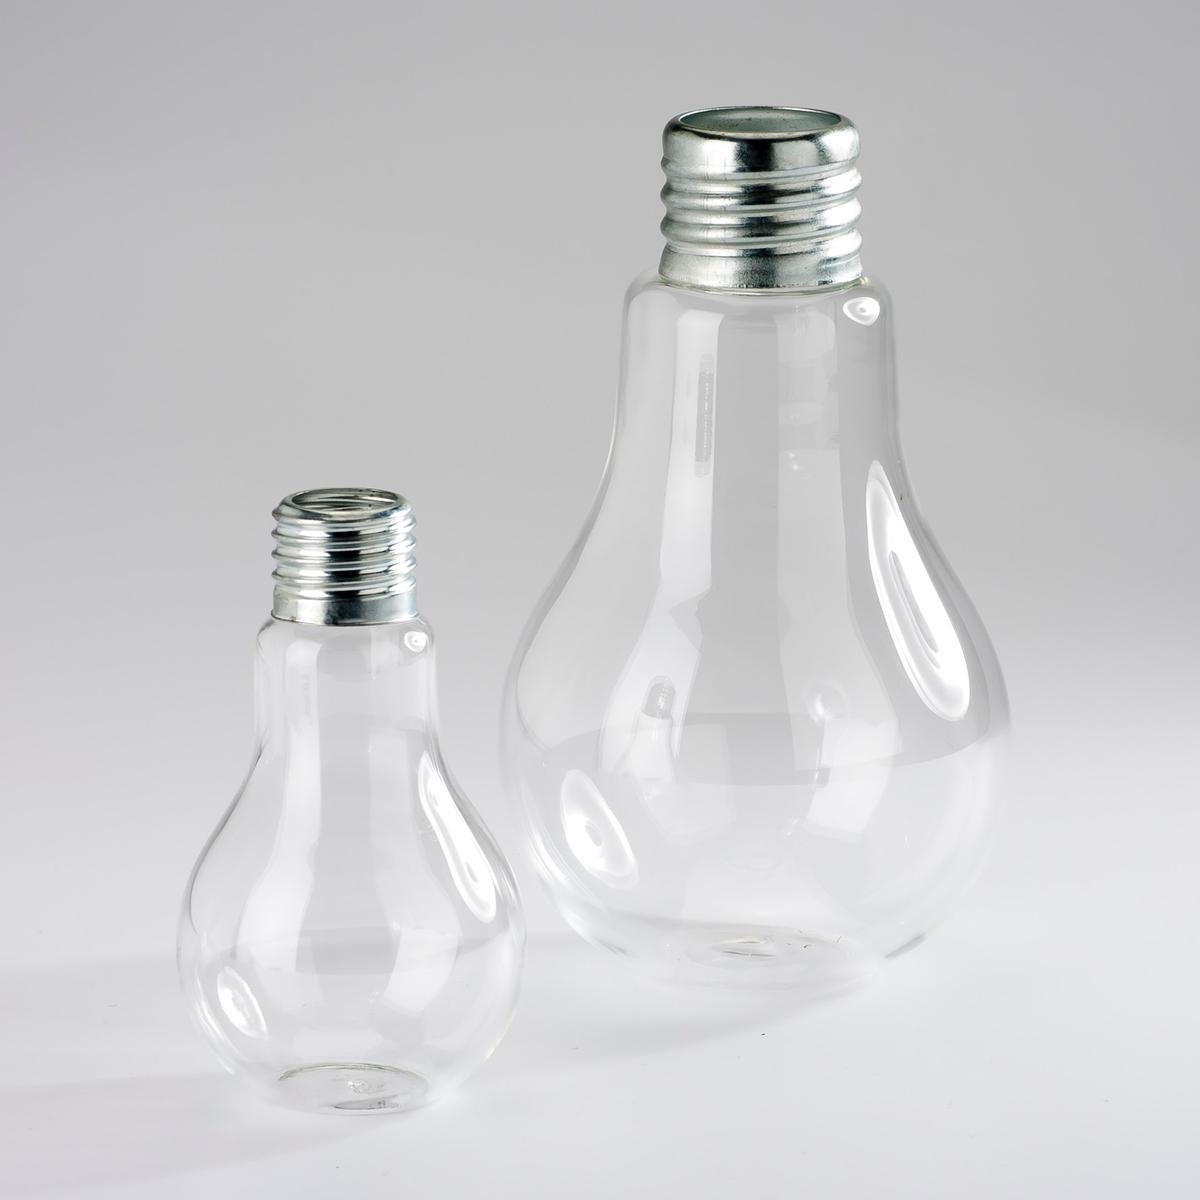 2 вазы AM.PM.2 вазы Galice из прозрачного стекла и металла напоминают формой лампочки. Размер: высота 11 см и 16 см.<br><br>Цвет: прозрачный